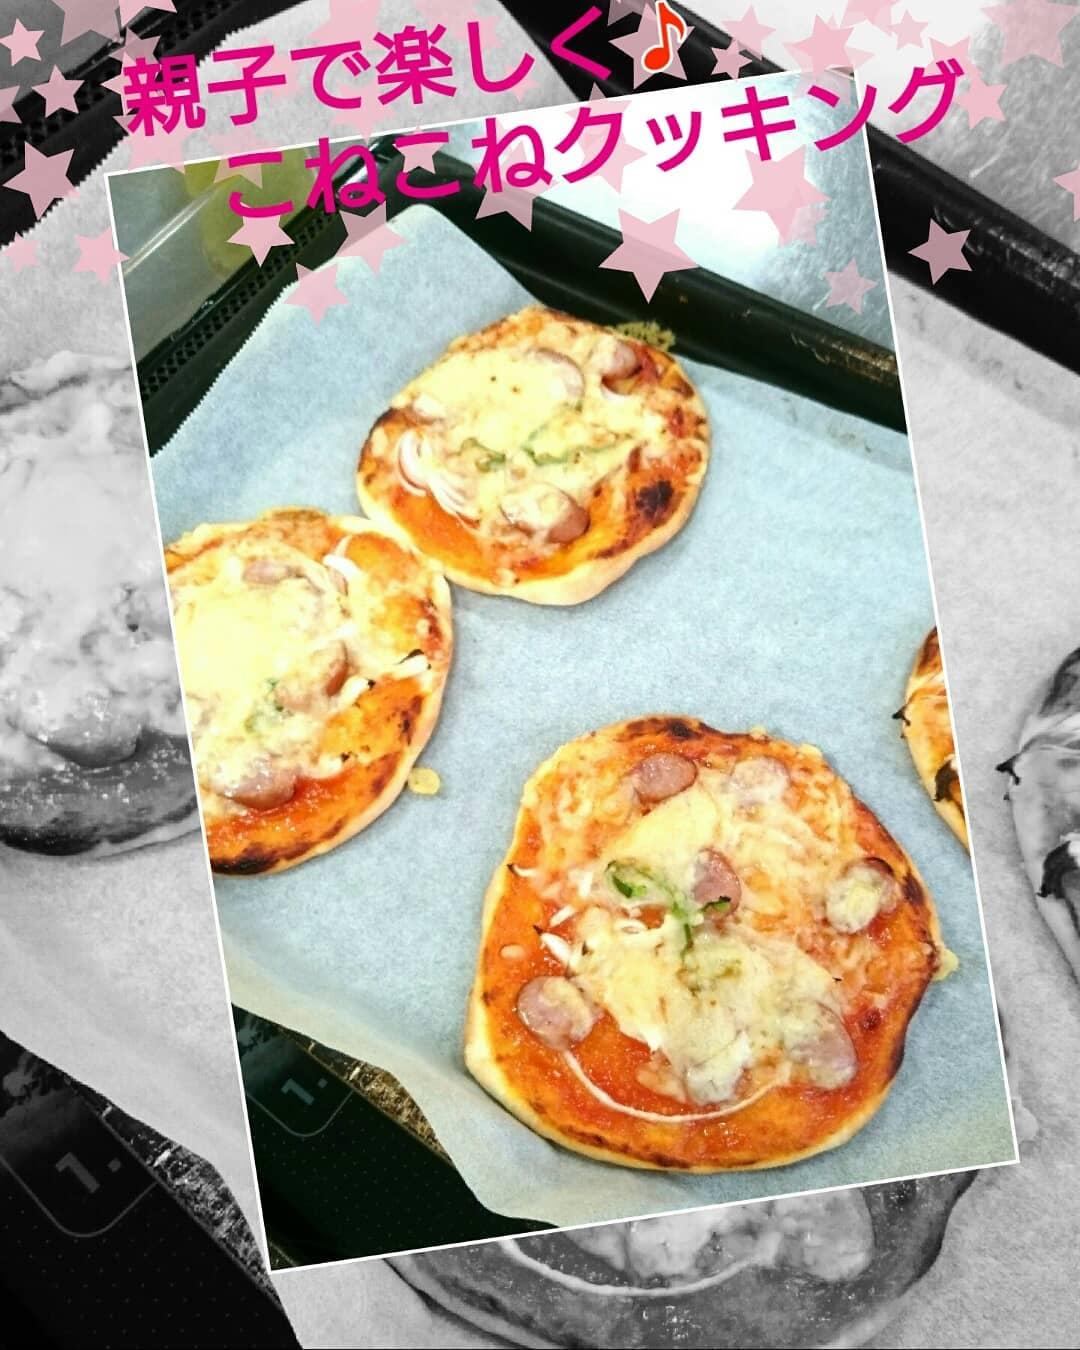 ☆ 子供も喜ぶ簡単手作りレシピ